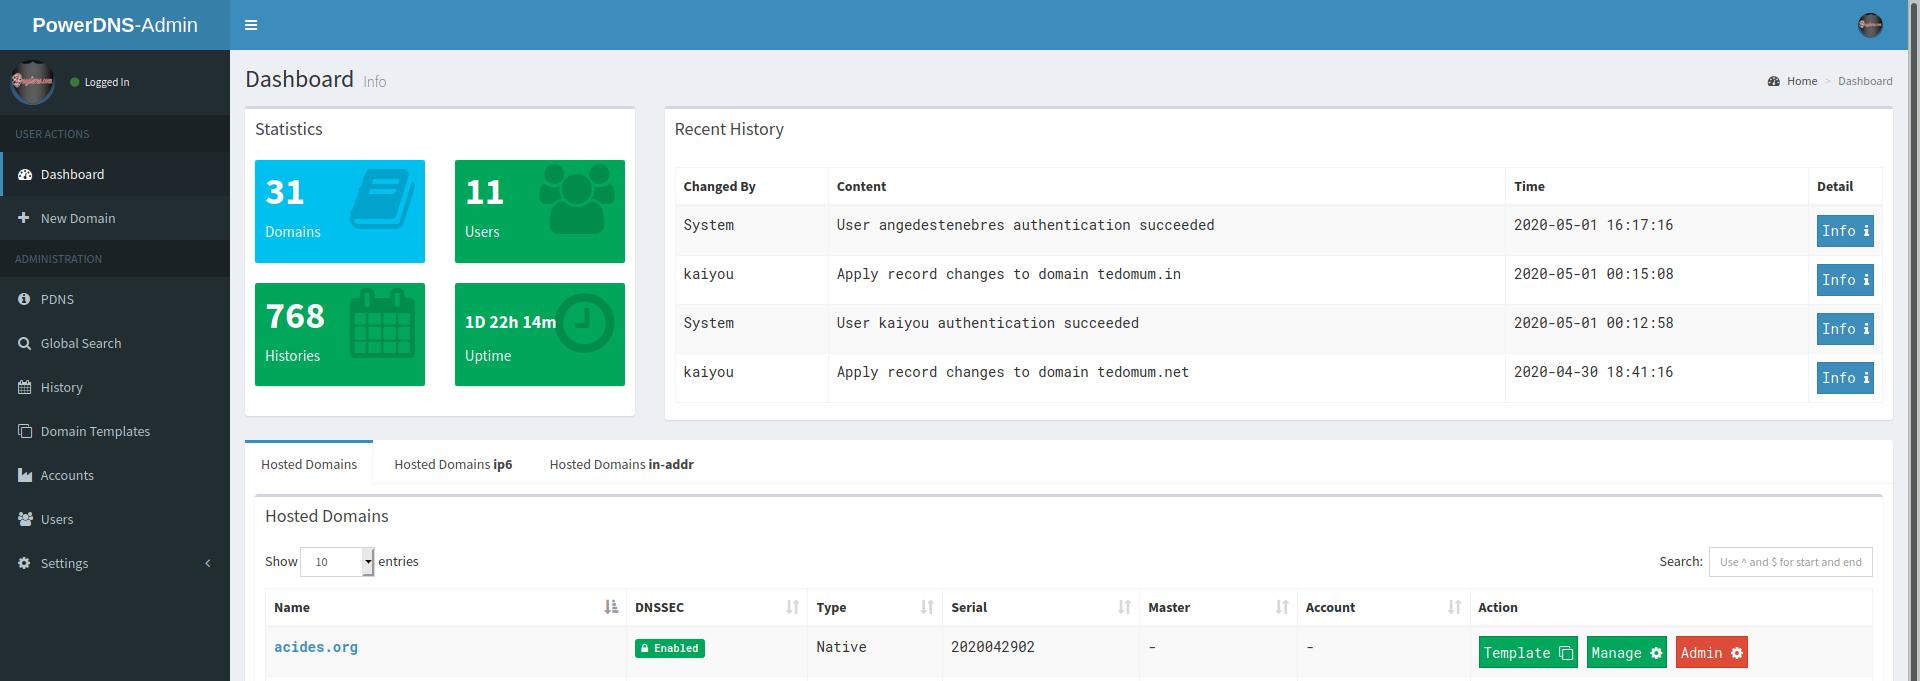 content/service/dns/screenshot.png